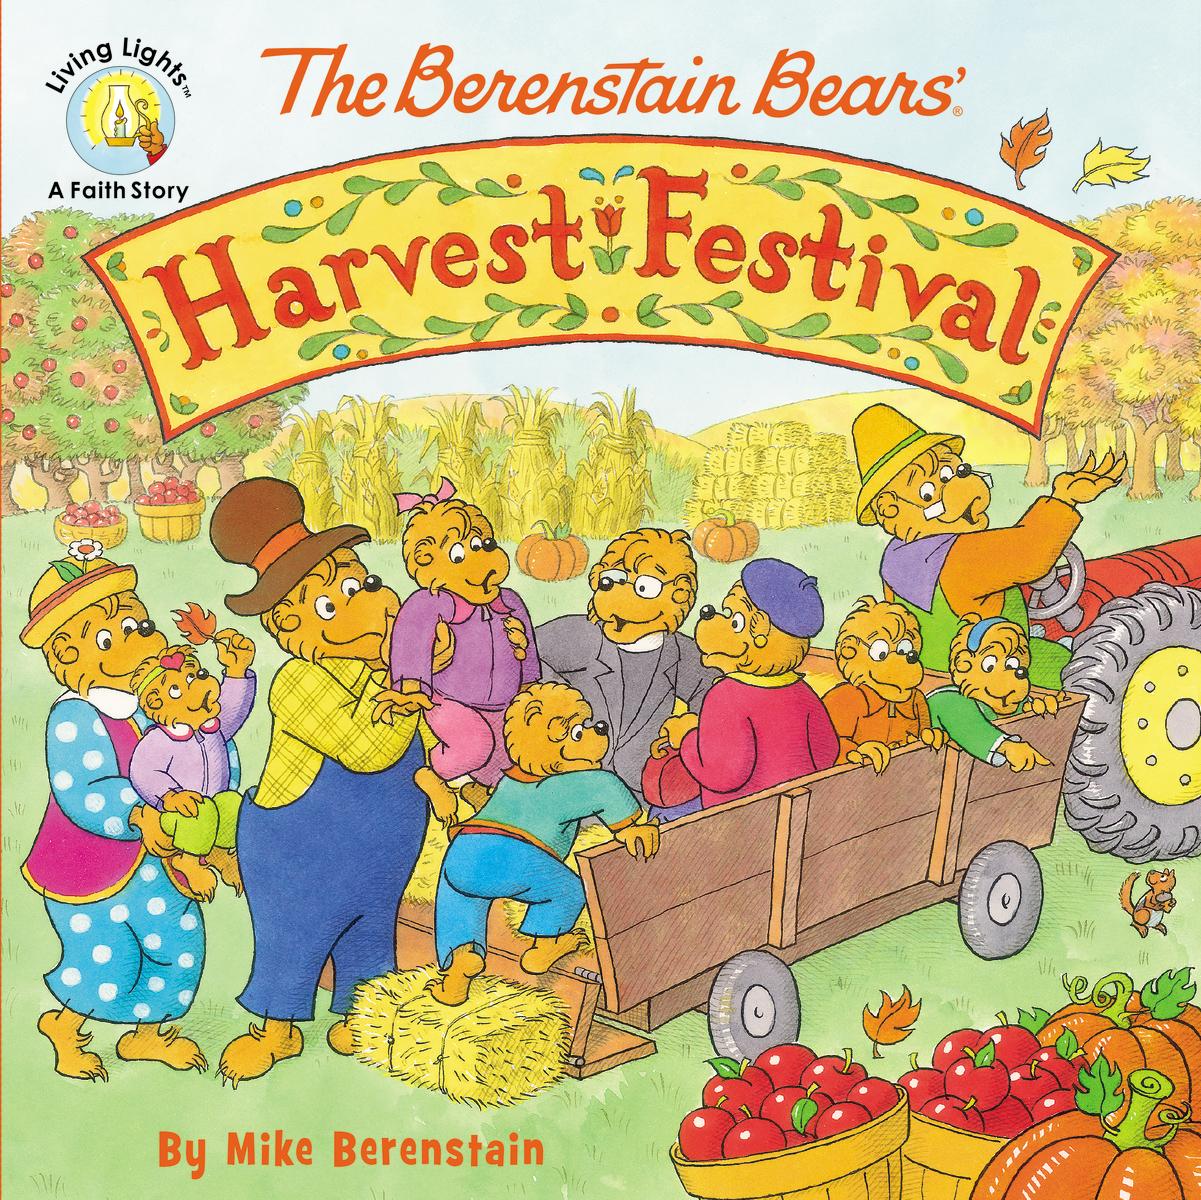 Image for Berenstain Bears: Harvest Festival (Living Lights)